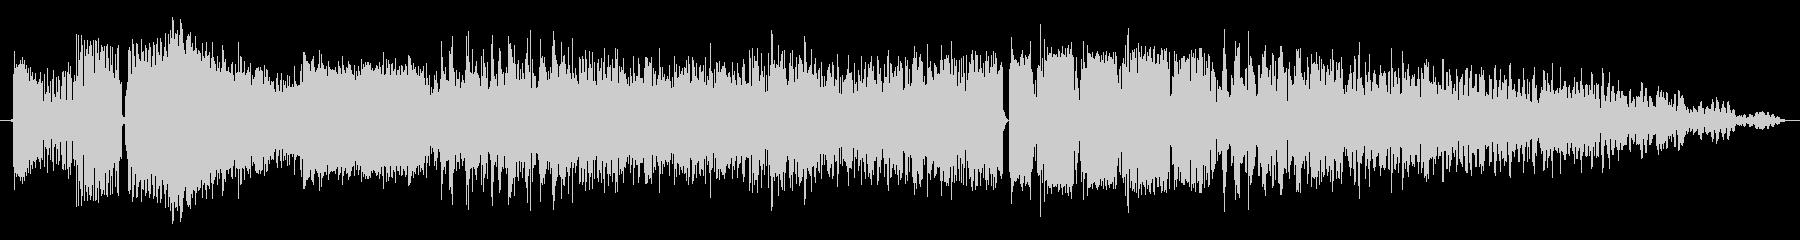 信号発生器の未再生の波形